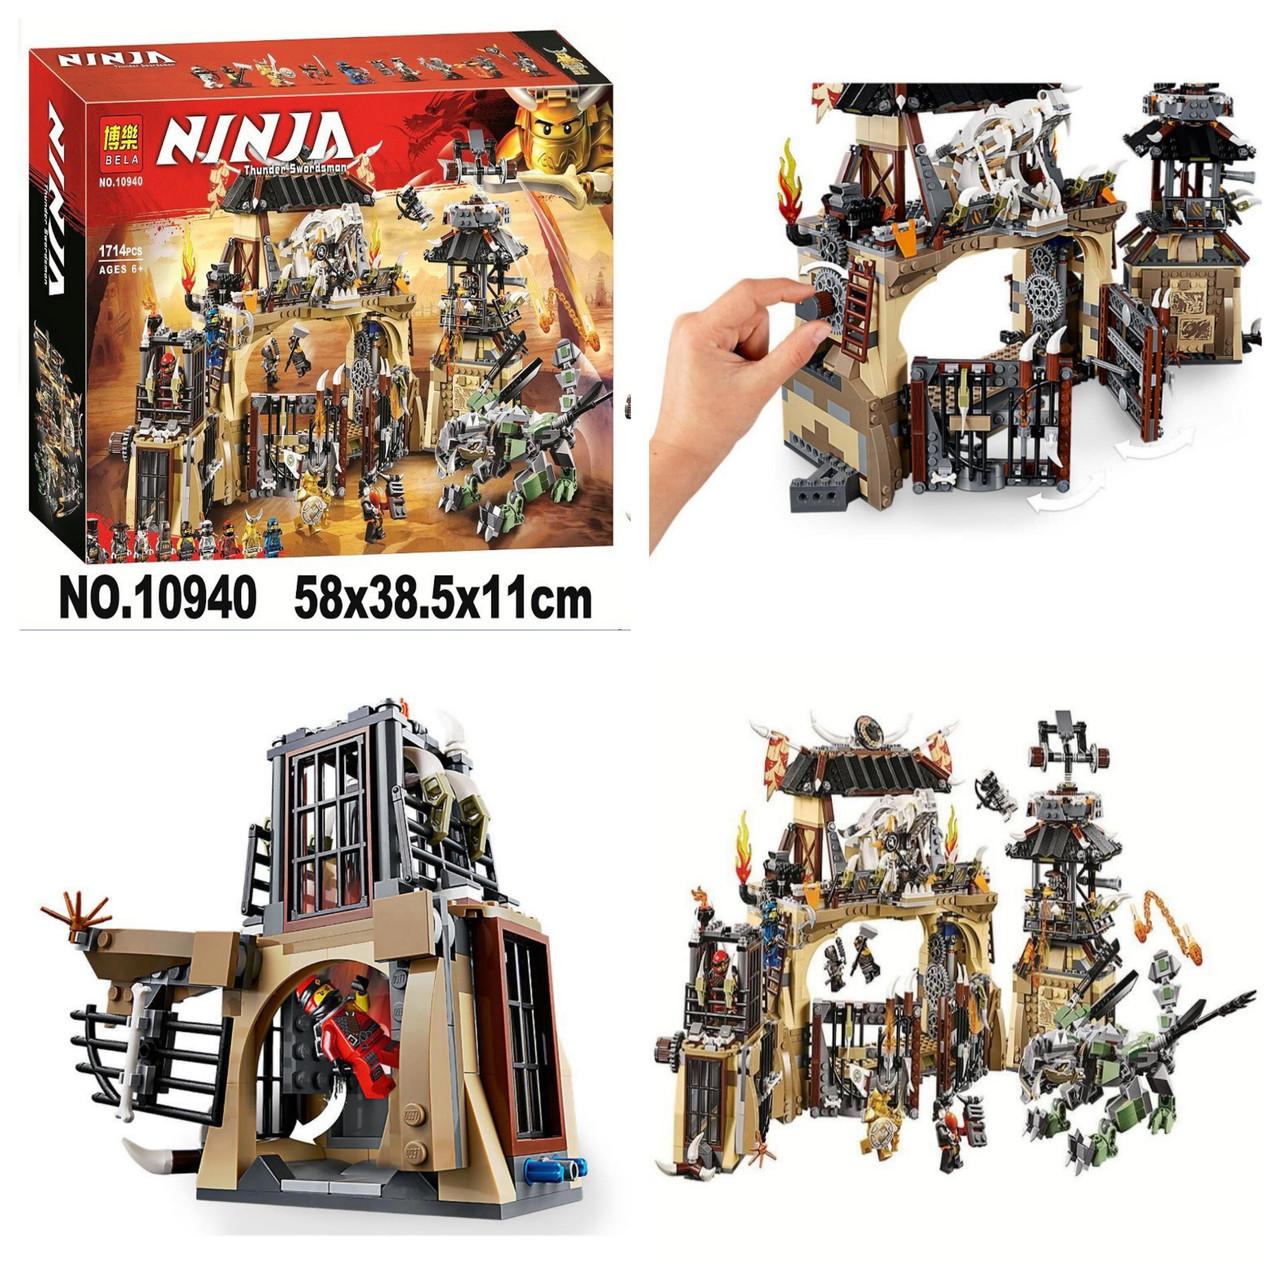 Конструктор Bela 10940 Ninja ниньзя Ninjago ниньзяго Пещера драконов 1723 деталей